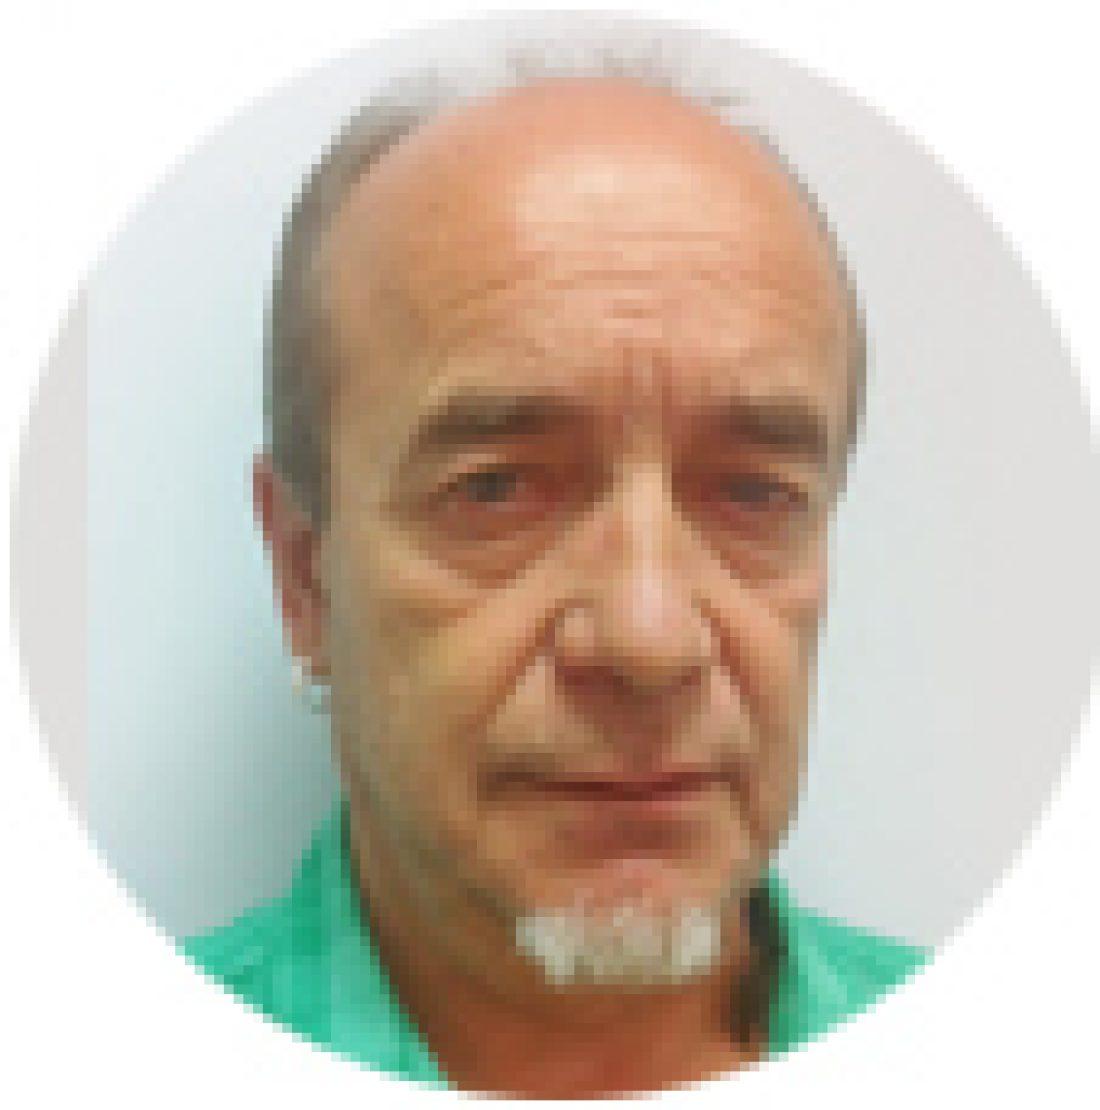 El sindicalismo en tiempos neoliberales. Pepe Aranada en Espacio Público